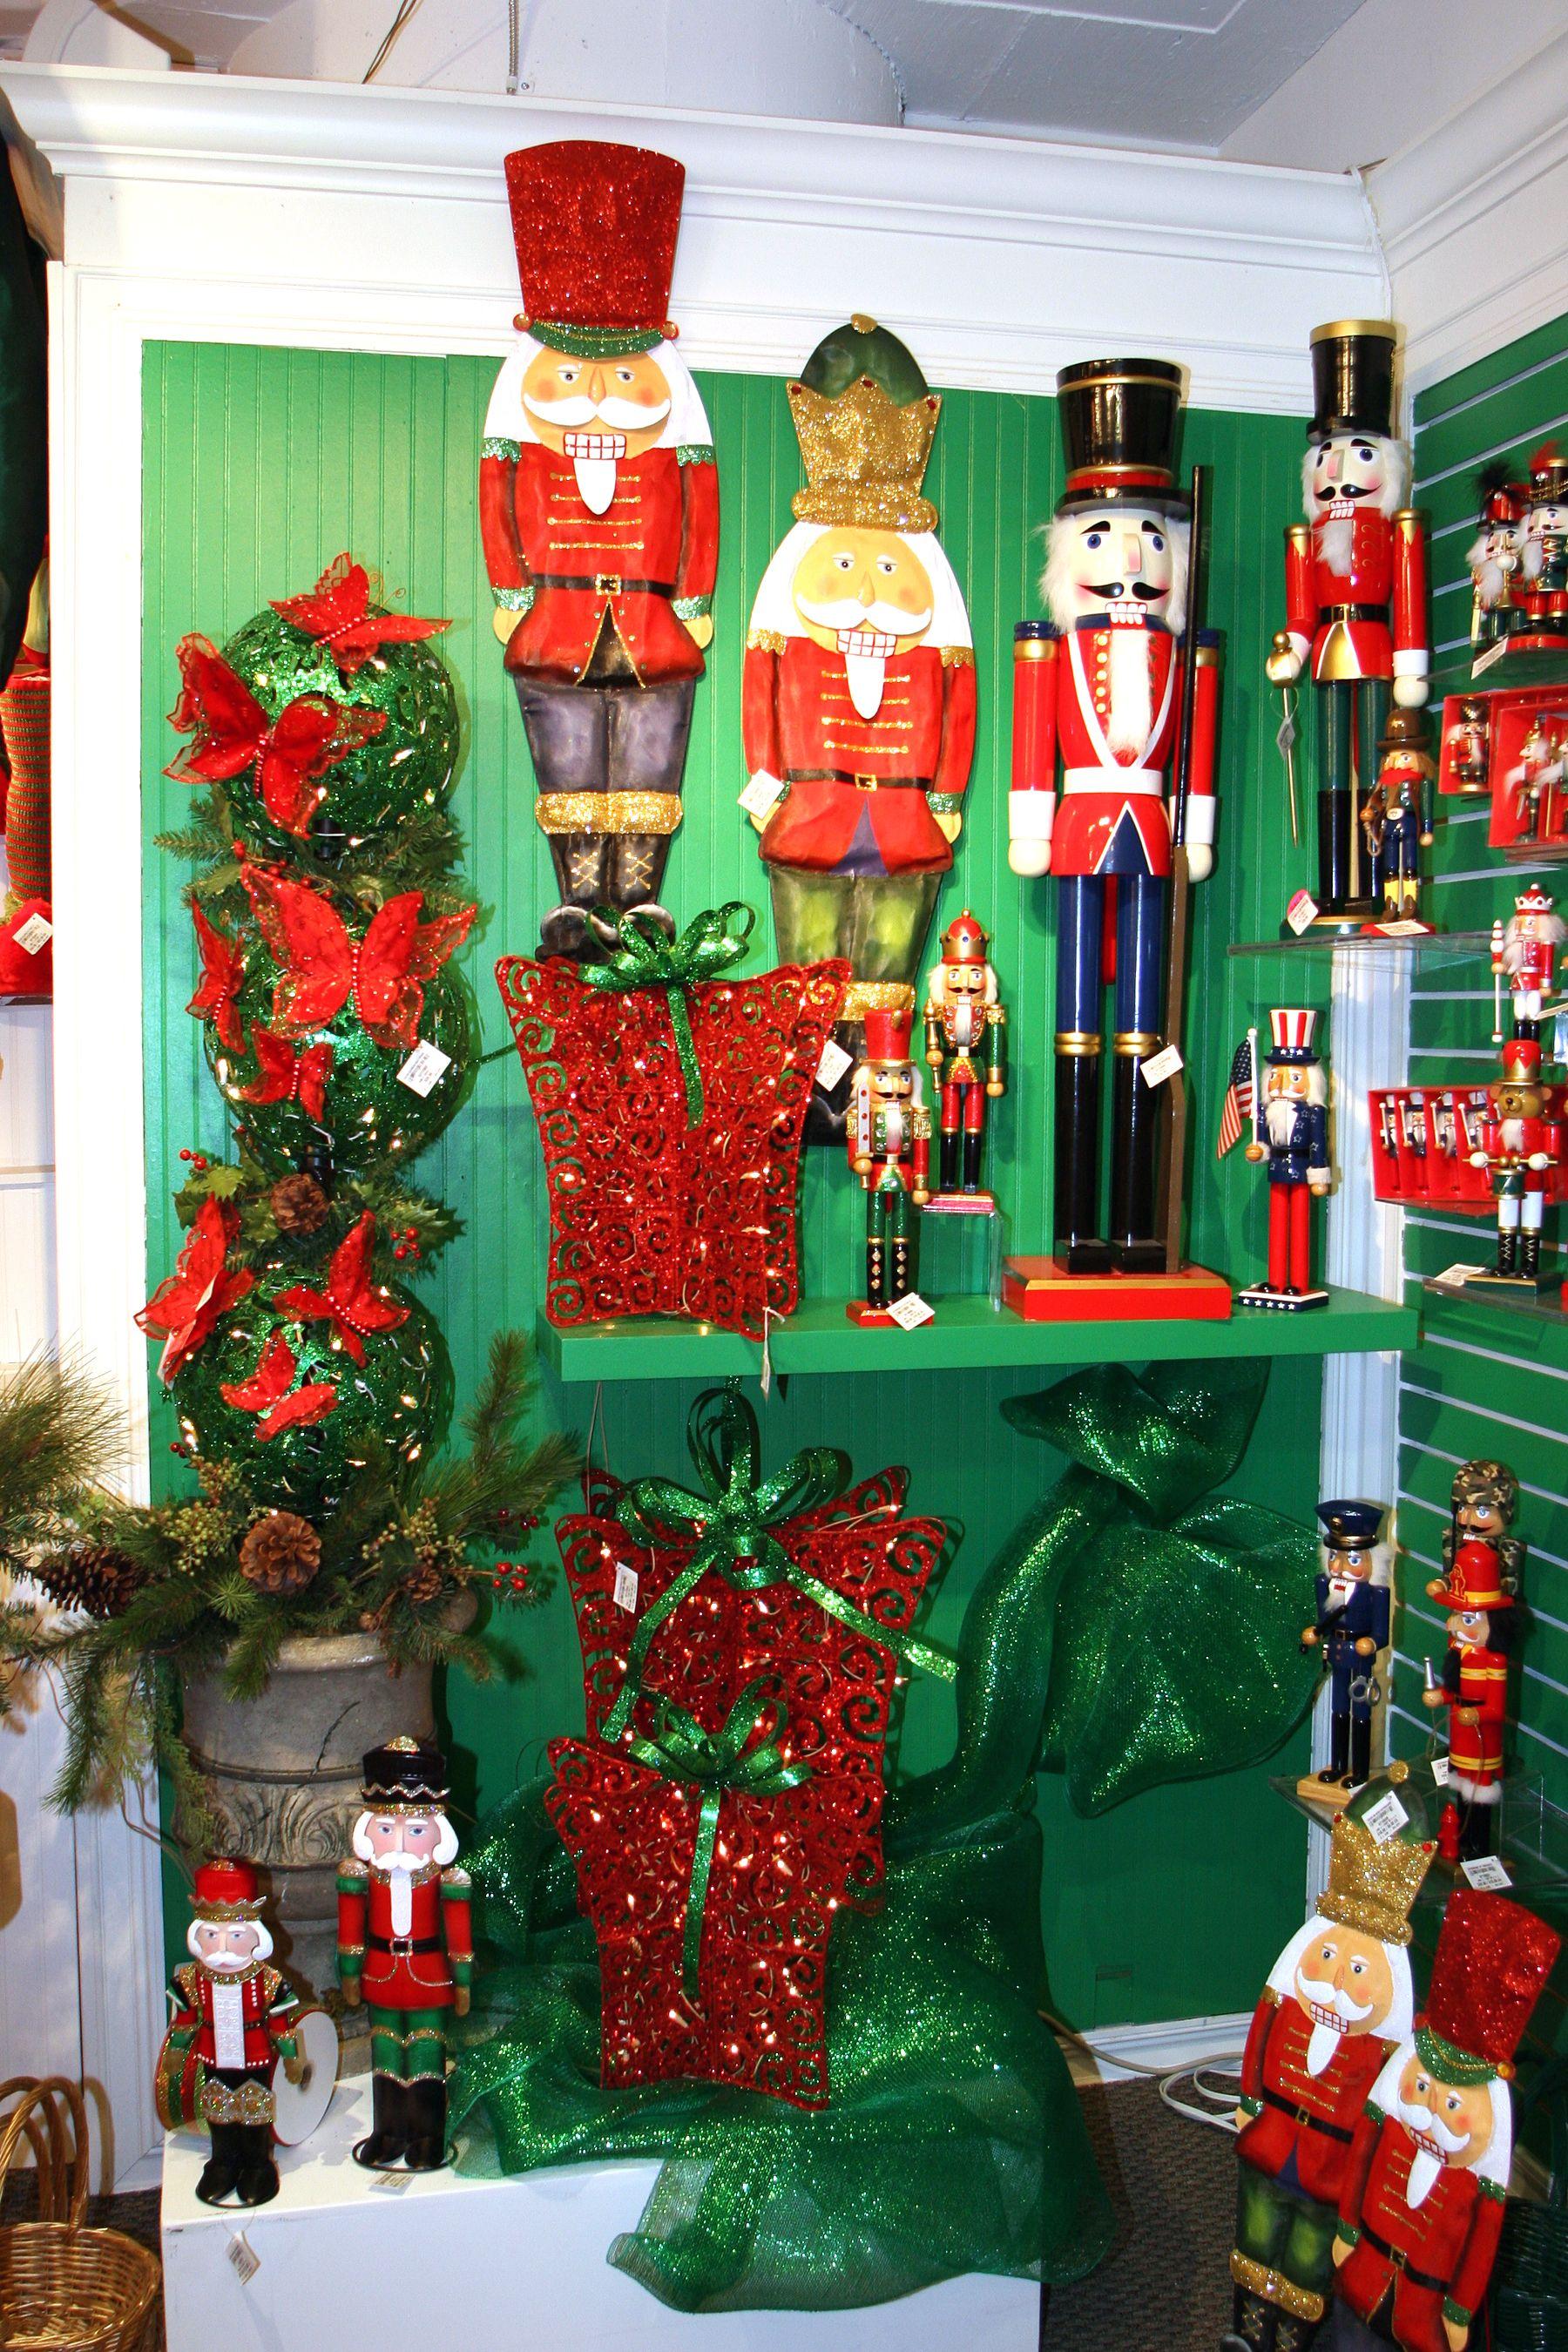 Wholesale Burton Burton Christmas Store Displays Christmas Display Nutcracker Christmas